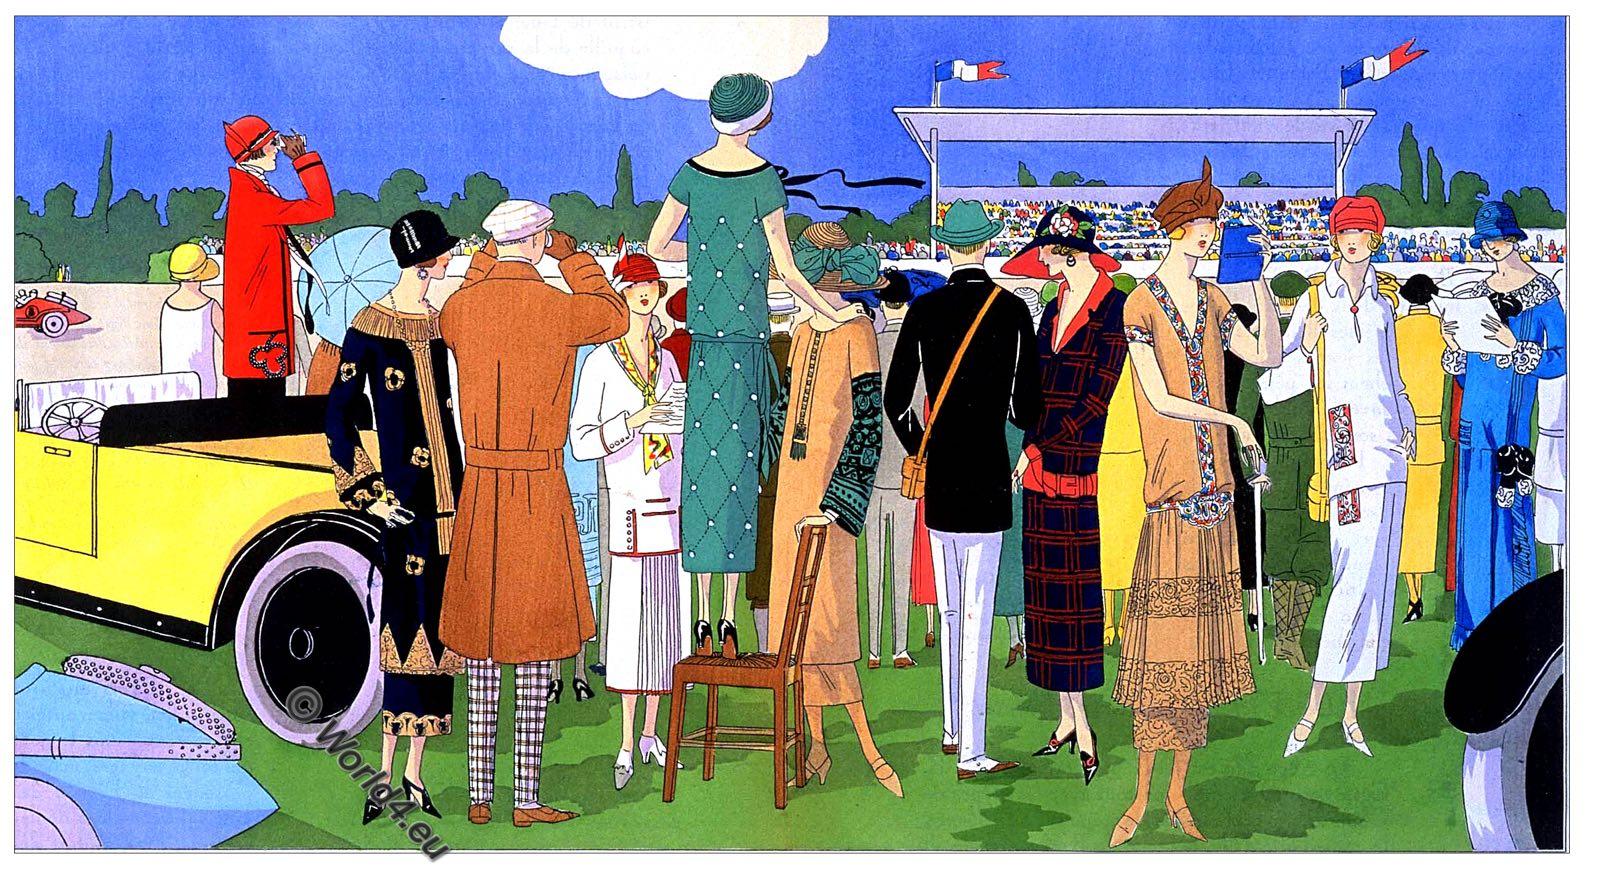 Parisian chic, Georges Dœuillet, Jeanne Lanvin, Jean Patou, Premet, Art deco, Fashion, costumes